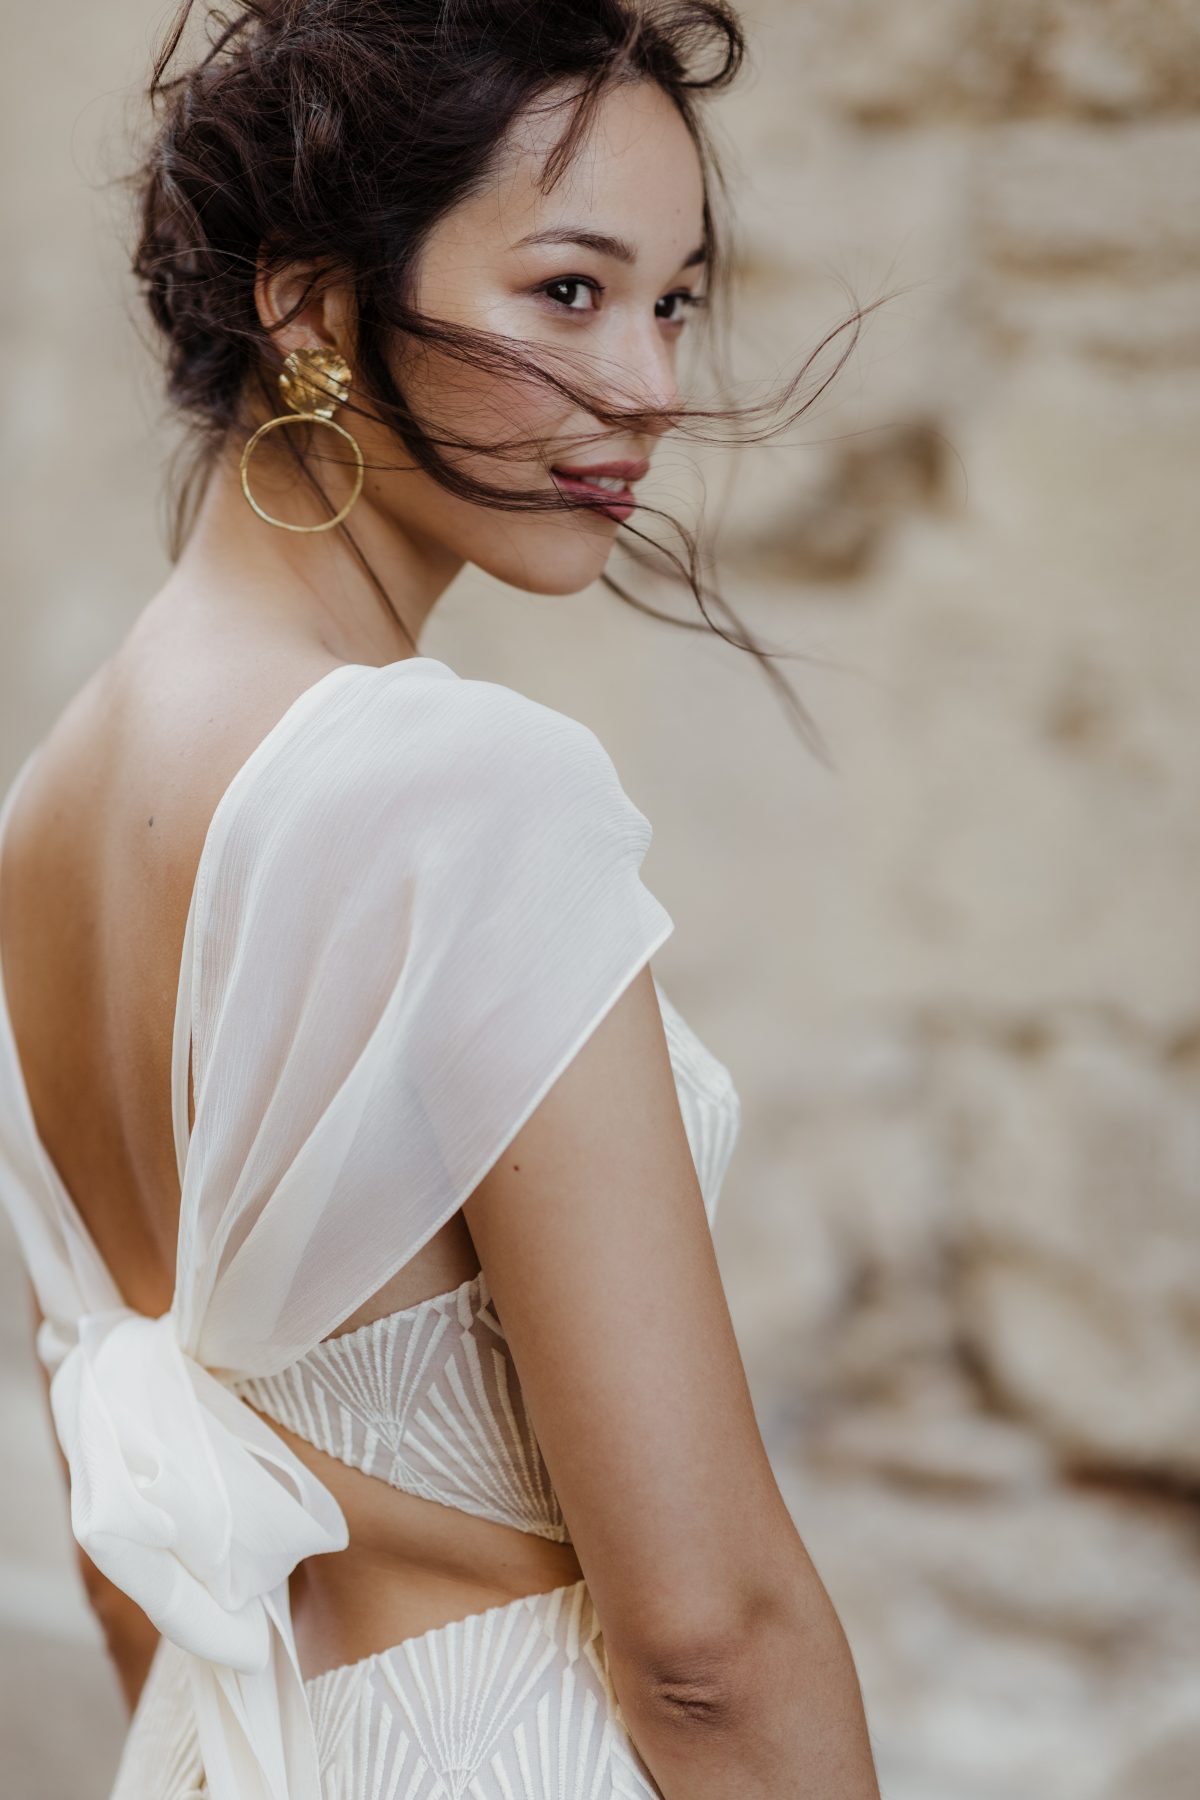 collection 2020 robes de mariée éco-responsables | Marielle Maury | Capyture Photography | La mariée sous les étoiles